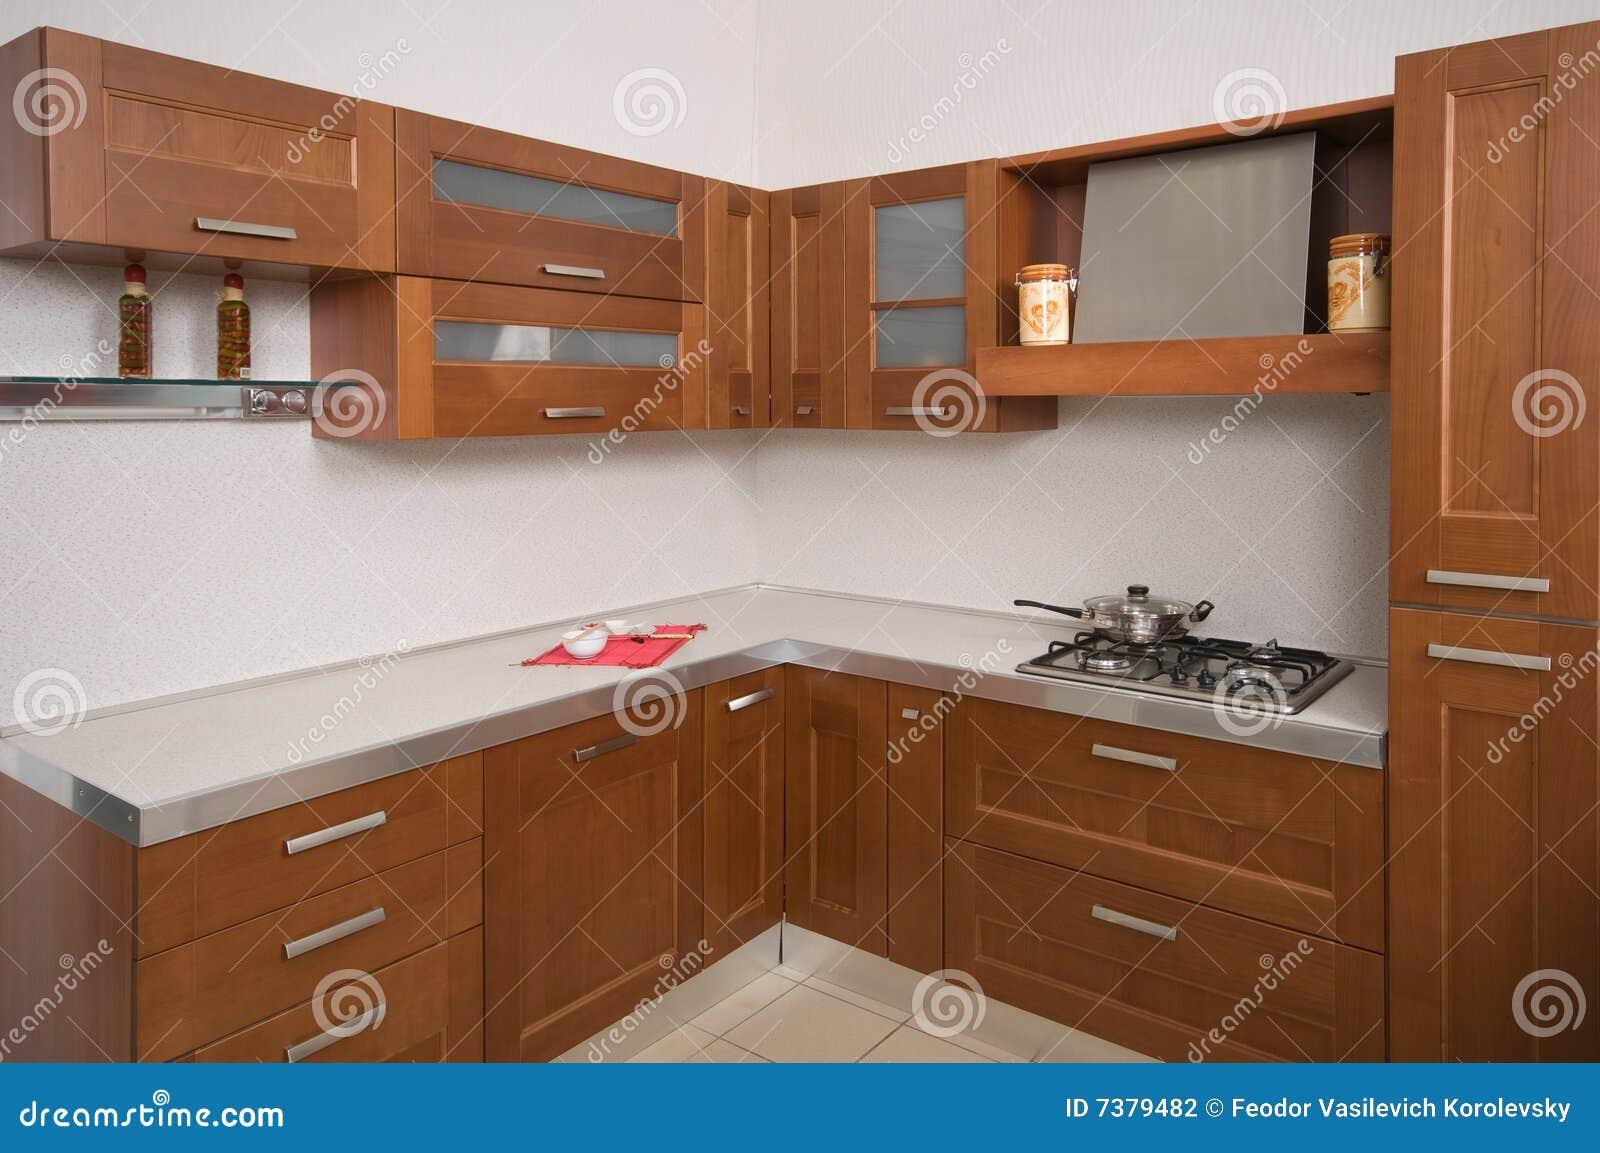 Muebles caseros de la cocina fotograf a de archivo for Muebles de cocina modernos precios